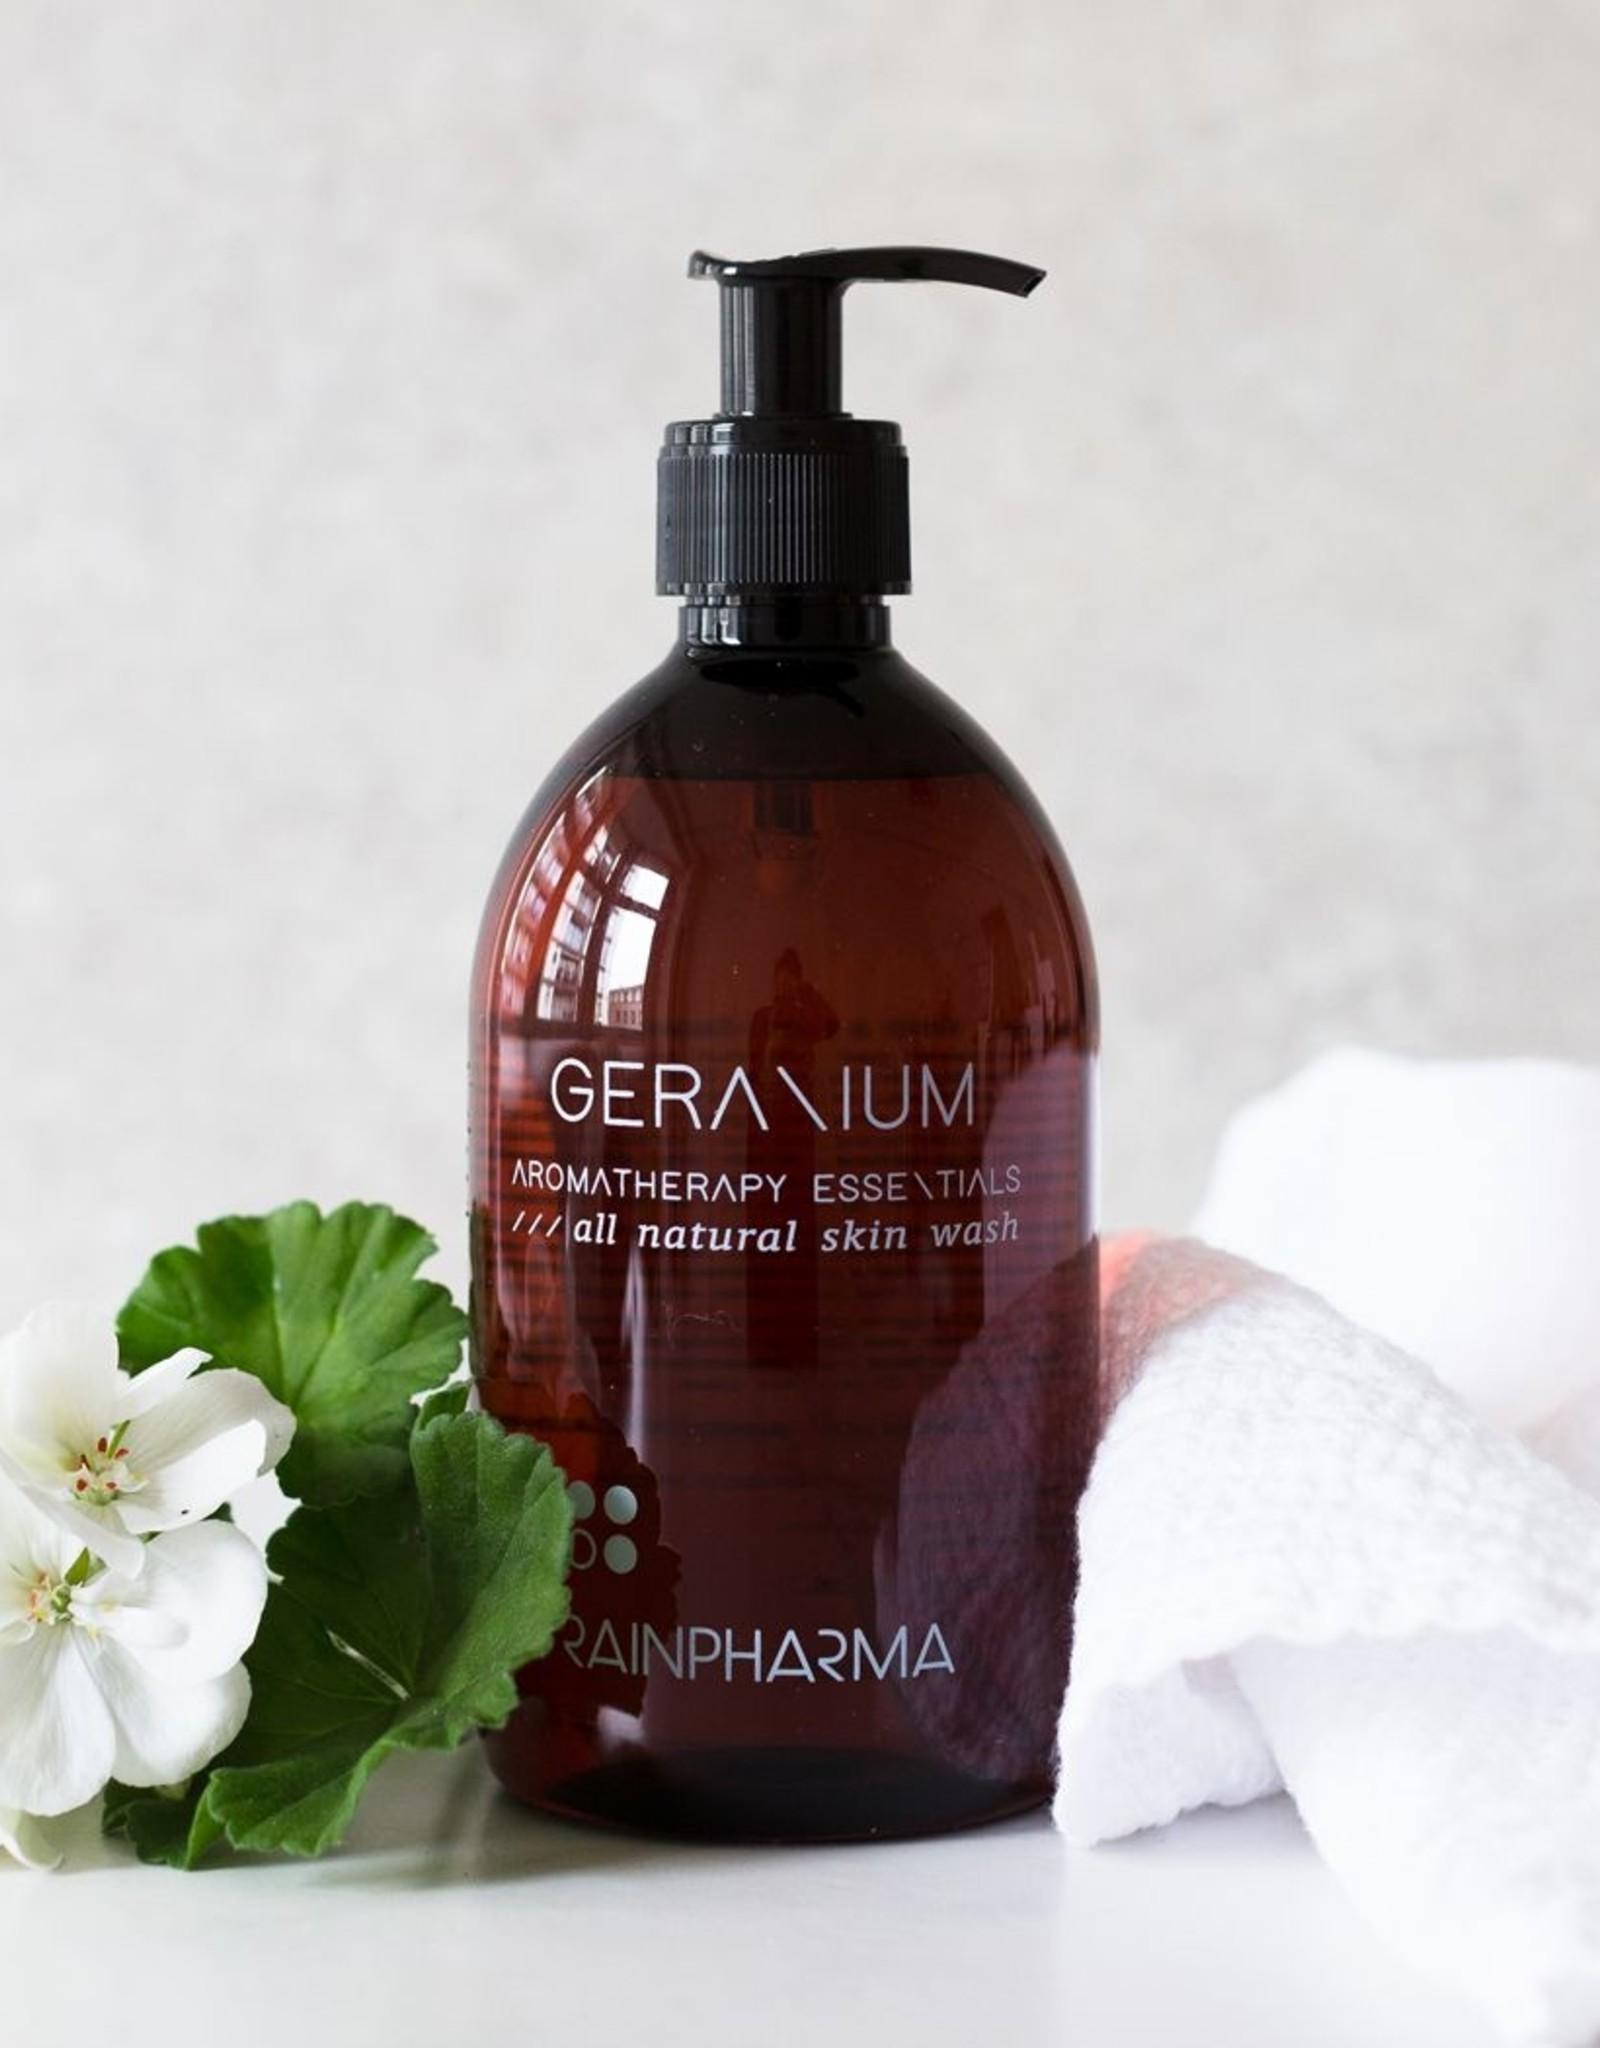 RainPharma Skin Wash Geranium 500ml - Rainpharma